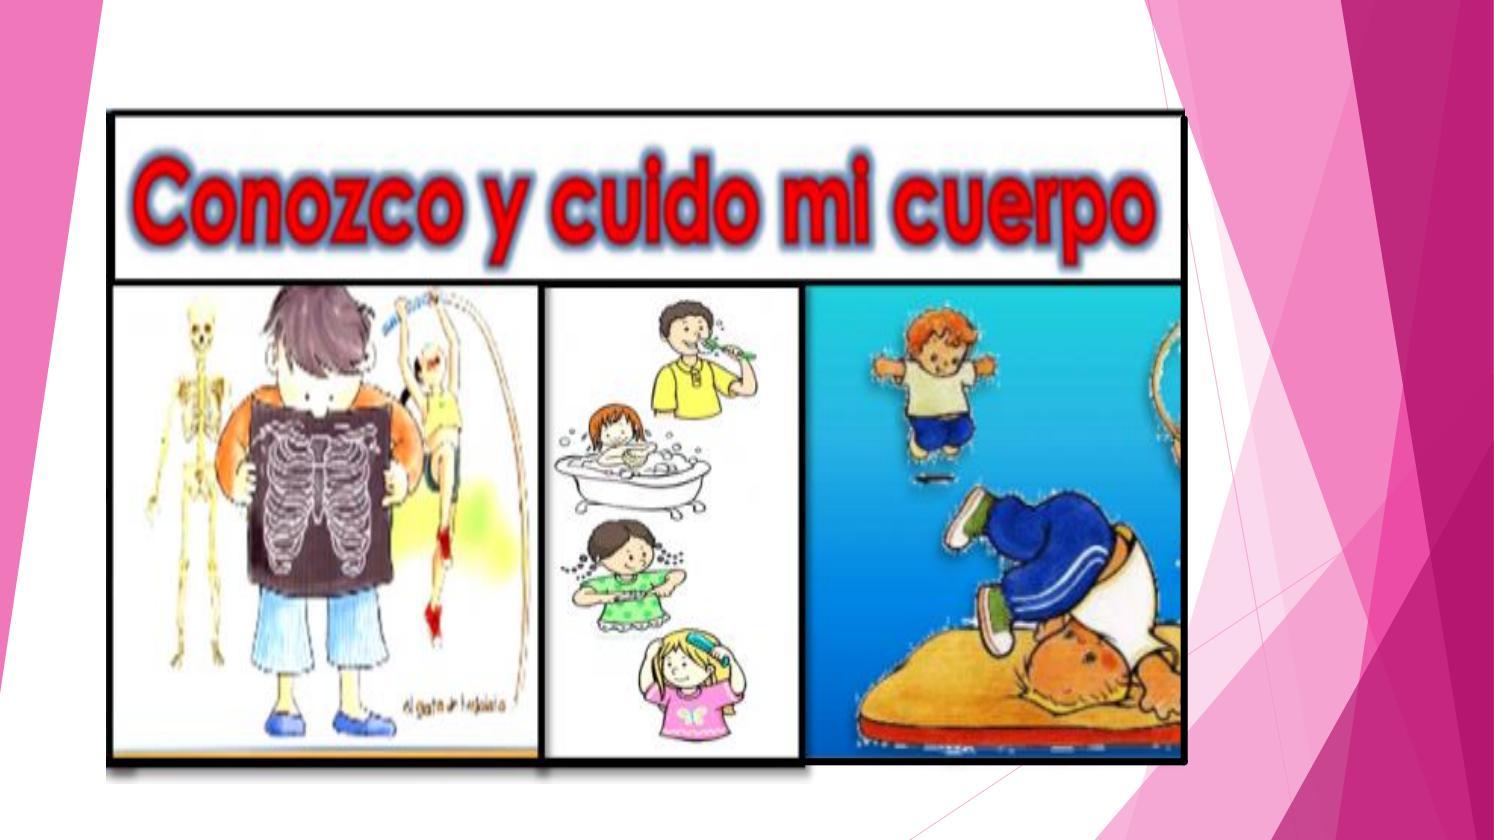 Como Cuido Mi Cuerpo: Conozco Y Cuido Mi Cuerpo By Ceciliaipaz